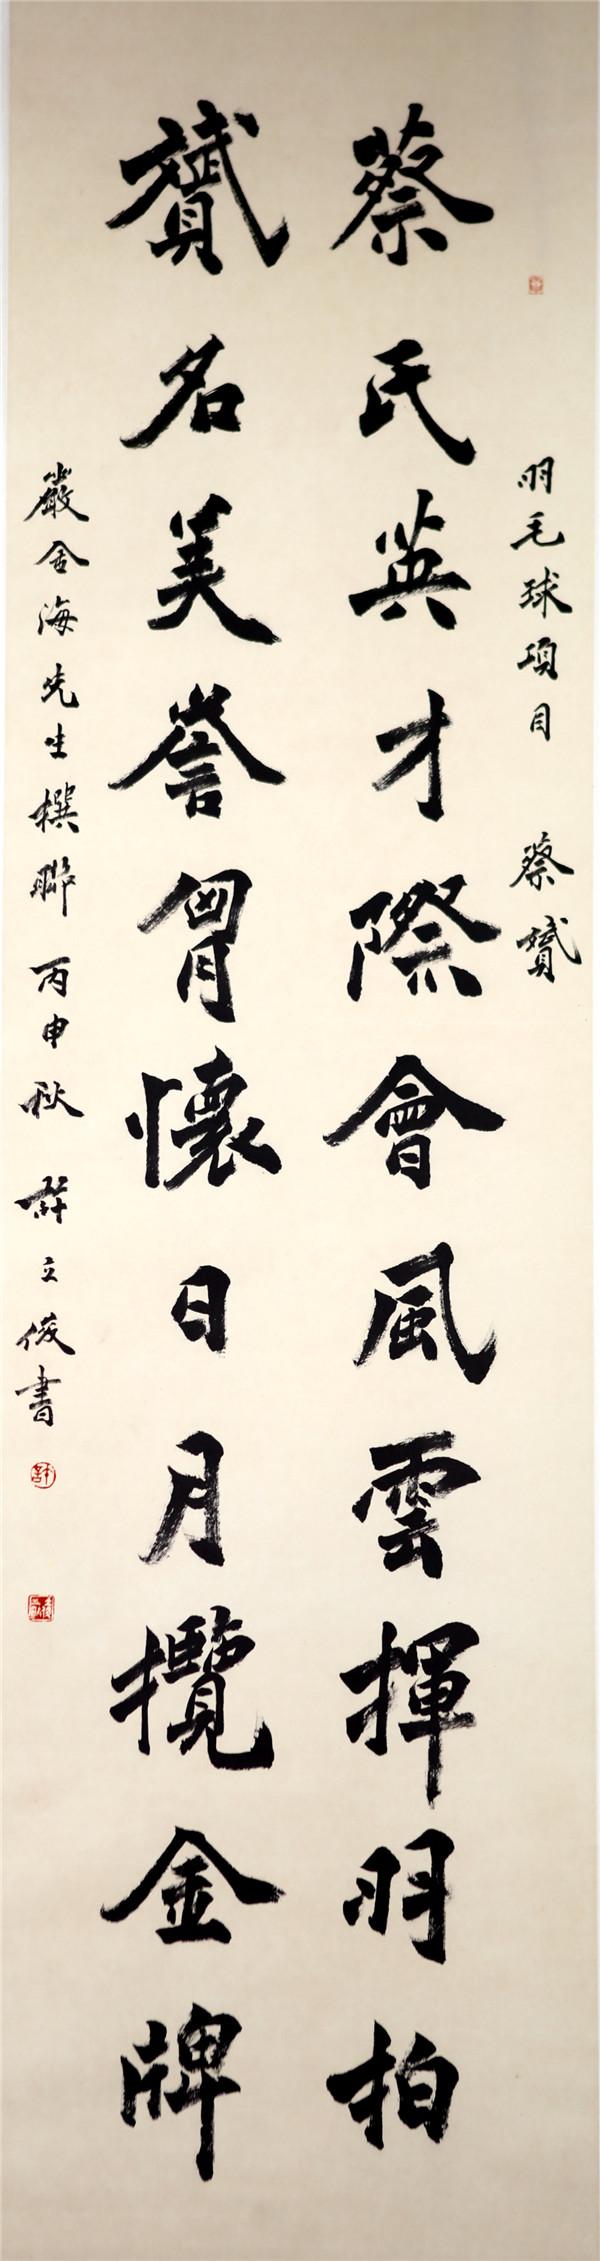 序号371,书录严金海为江苏奥运冠军蔡赟嵌名联